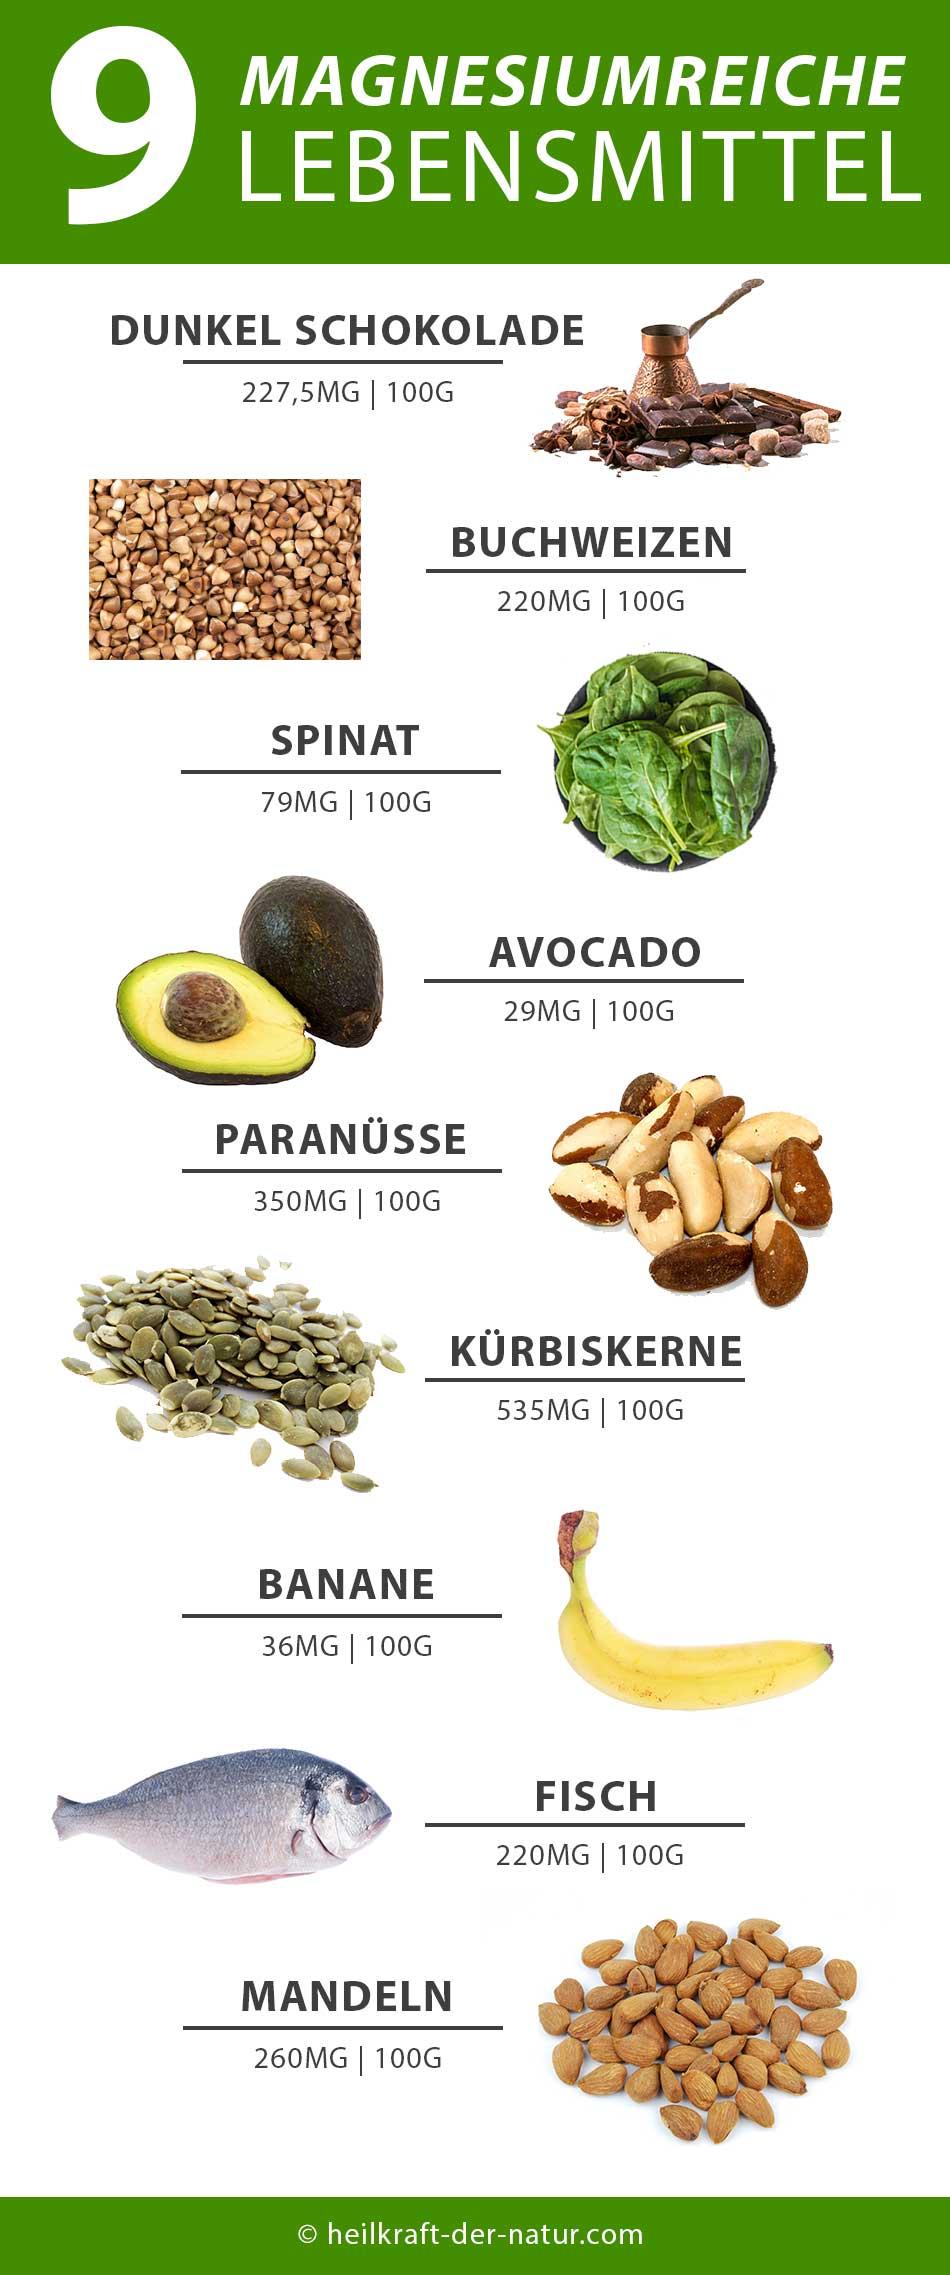 Liste mit Lebensmittel die viel Magnesium besitzen